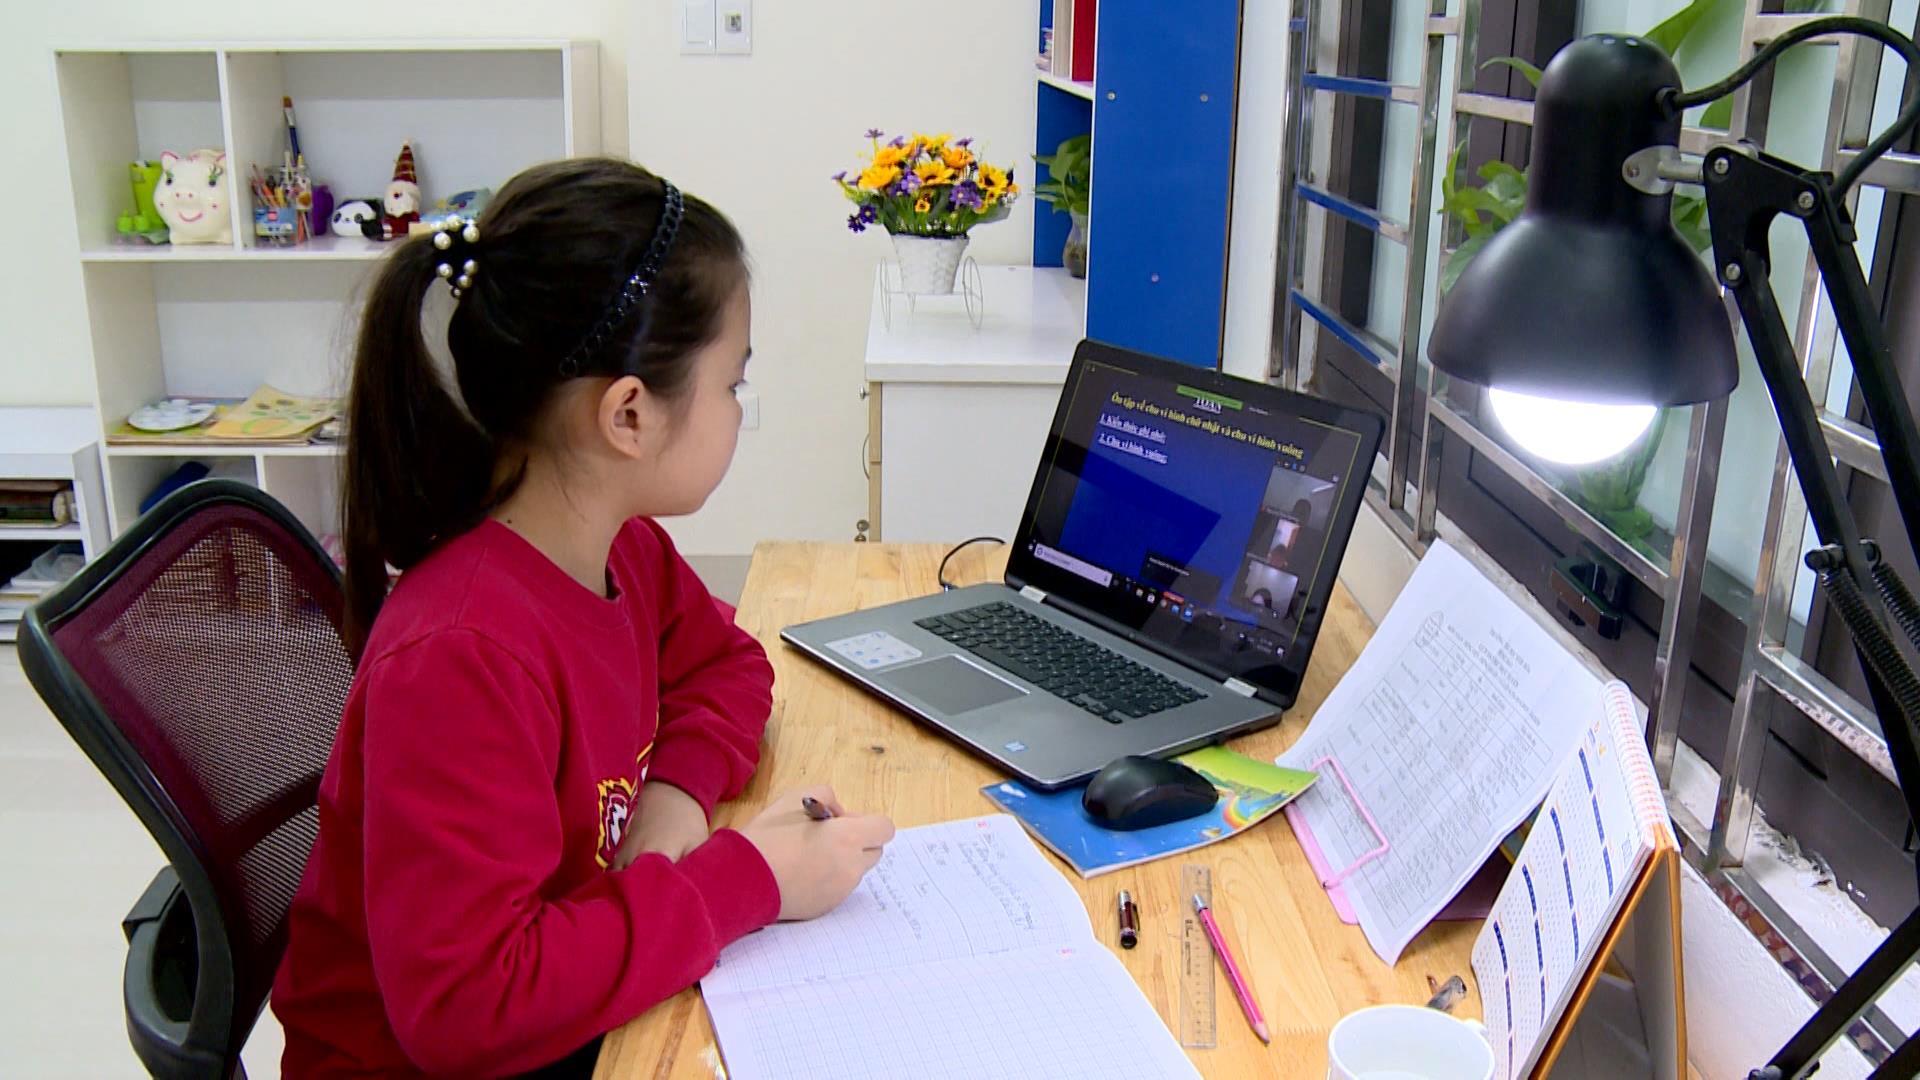 Nâng cao chất lượng dạy học qua internet, trên truyền hình